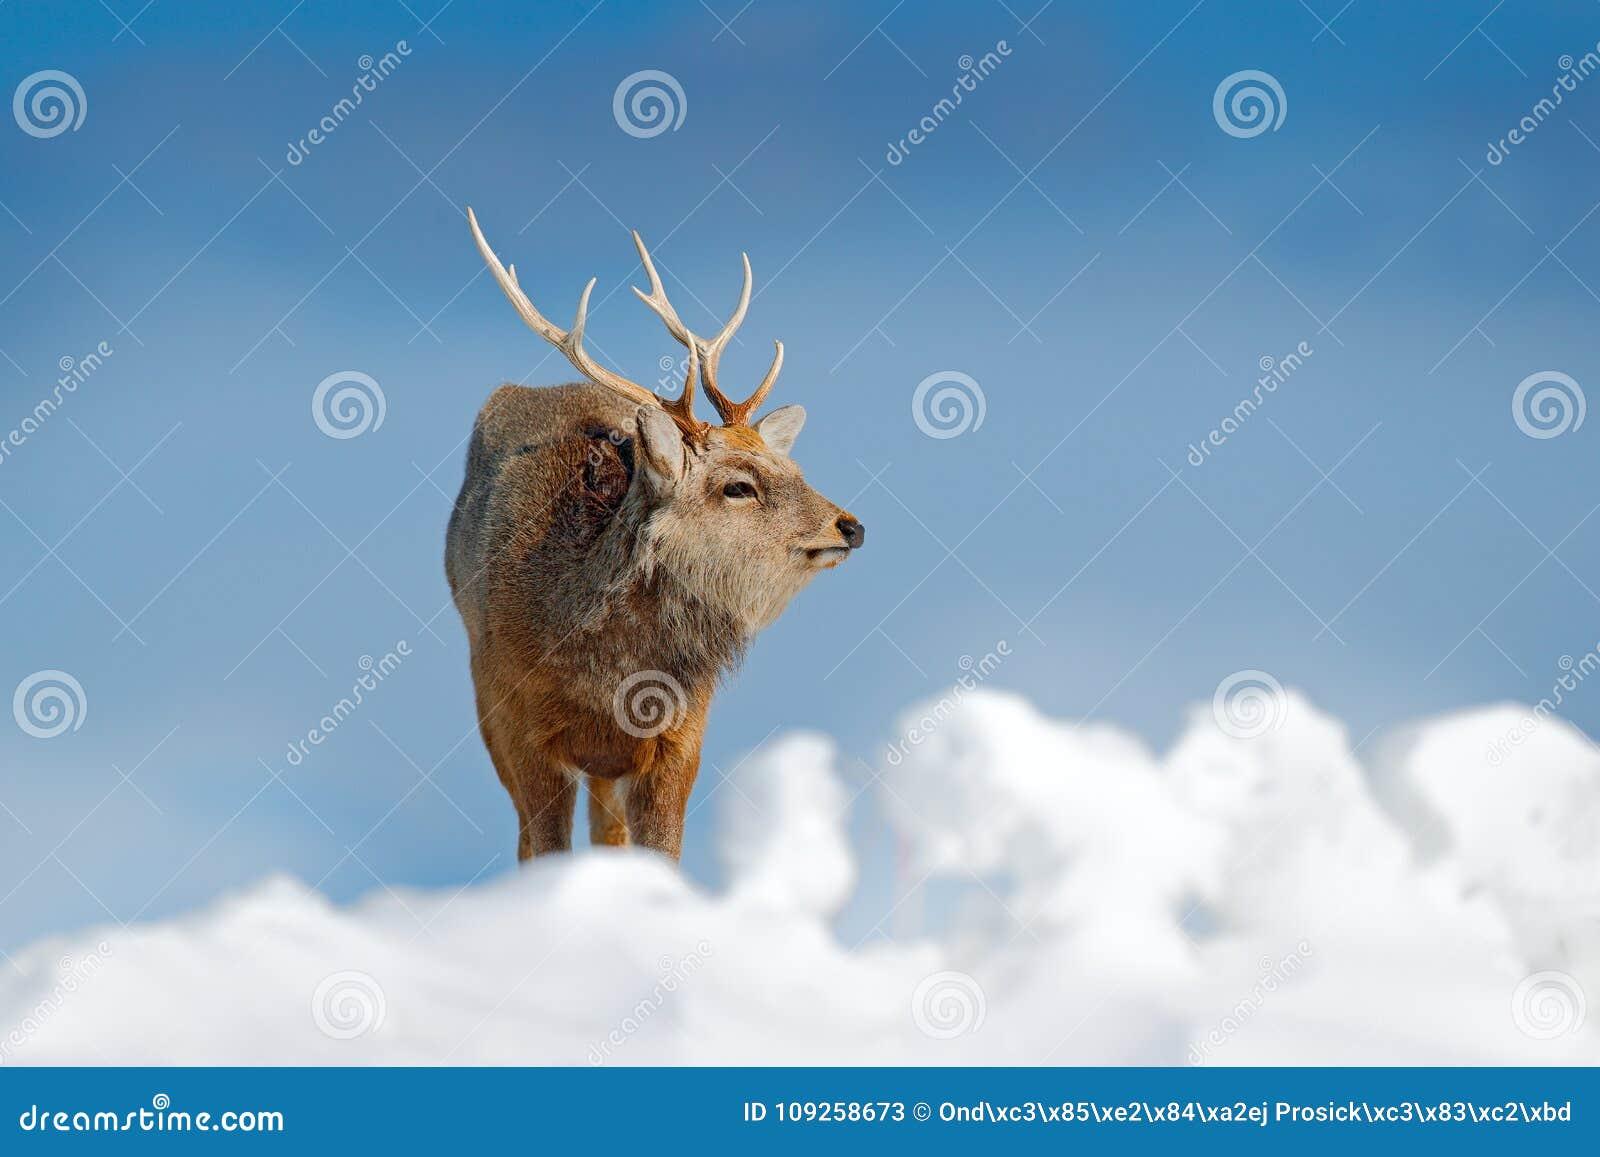 Hokkaido Sika Deer, Cervus Nippon Yesoensis, In Snow Meadow, Winter